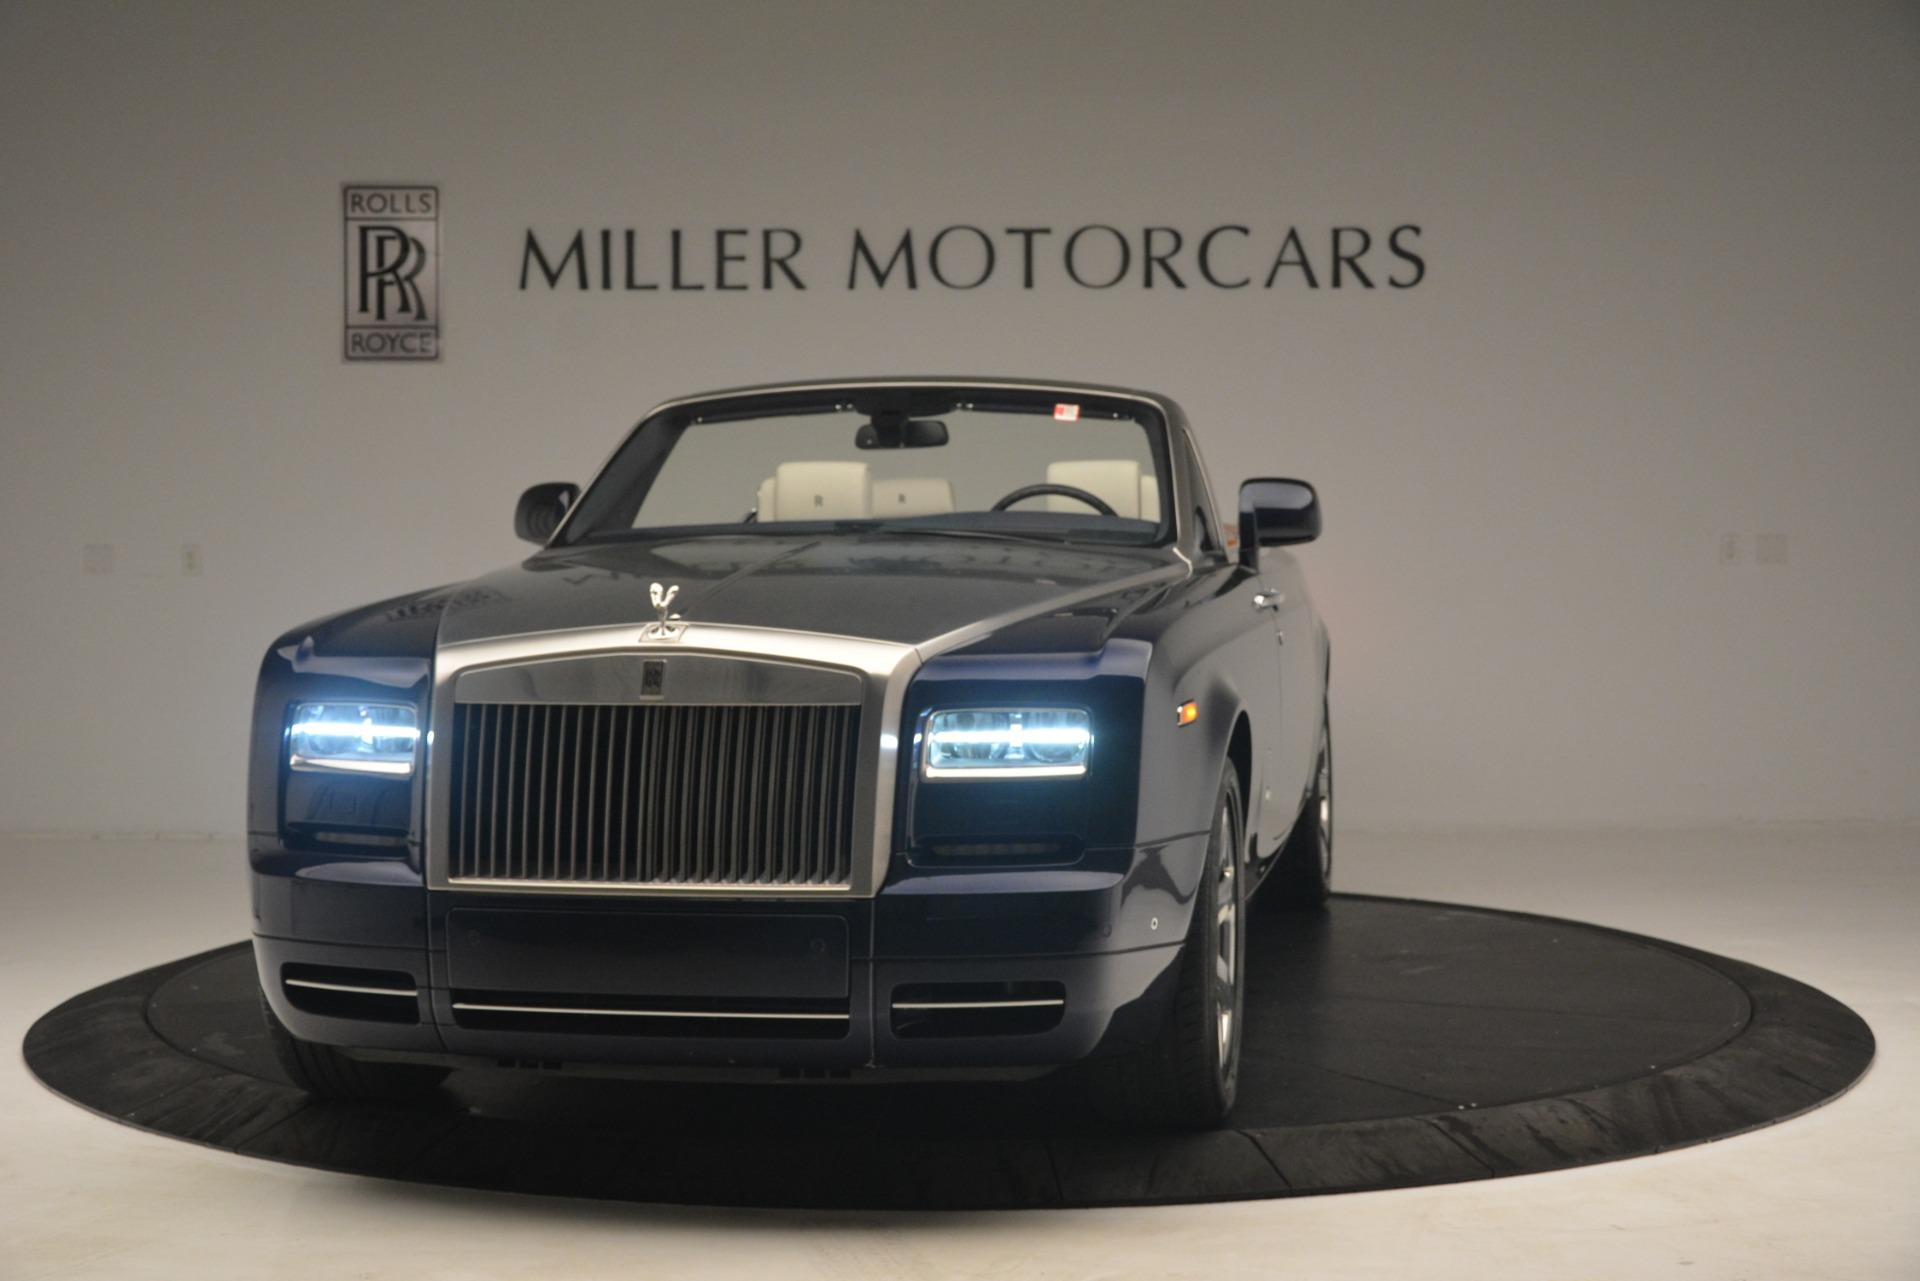 Used 2013 Rolls-Royce Phantom Drophead Coupe for sale Sold at Alfa Romeo of Westport in Westport CT 06880 1